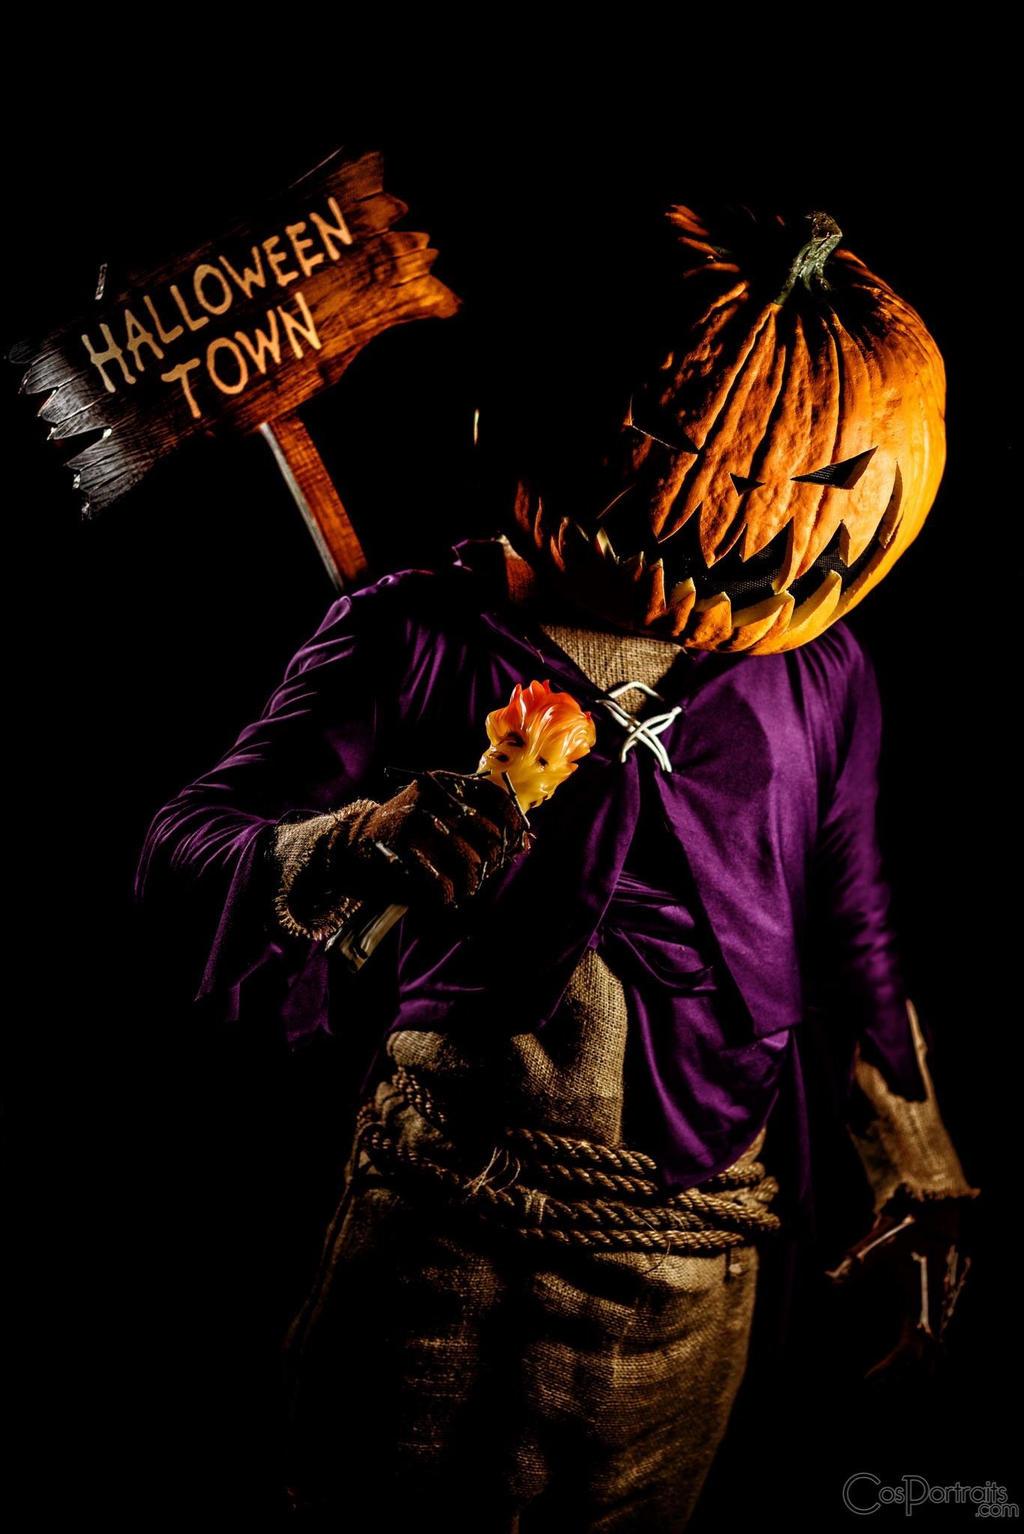 Pumpkin King Of Halloweentown | Wallsviews.co